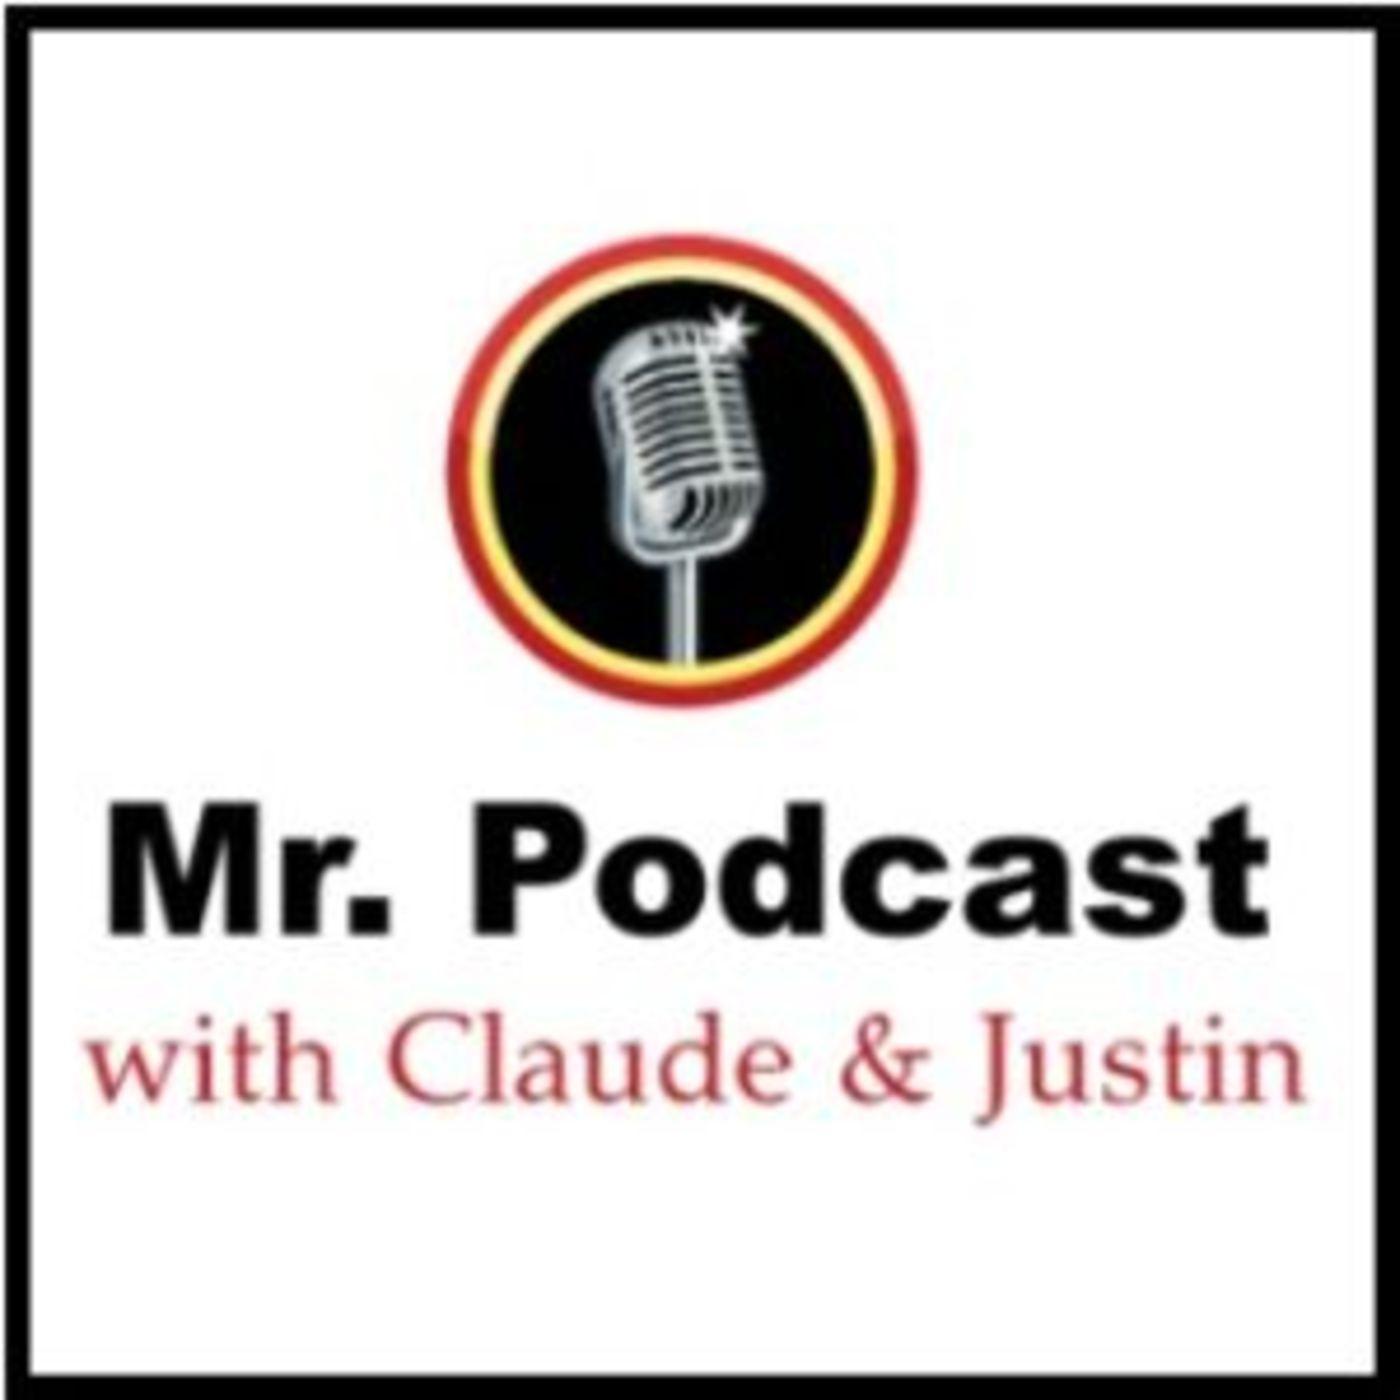 <![CDATA[Mr. Podcast]]>